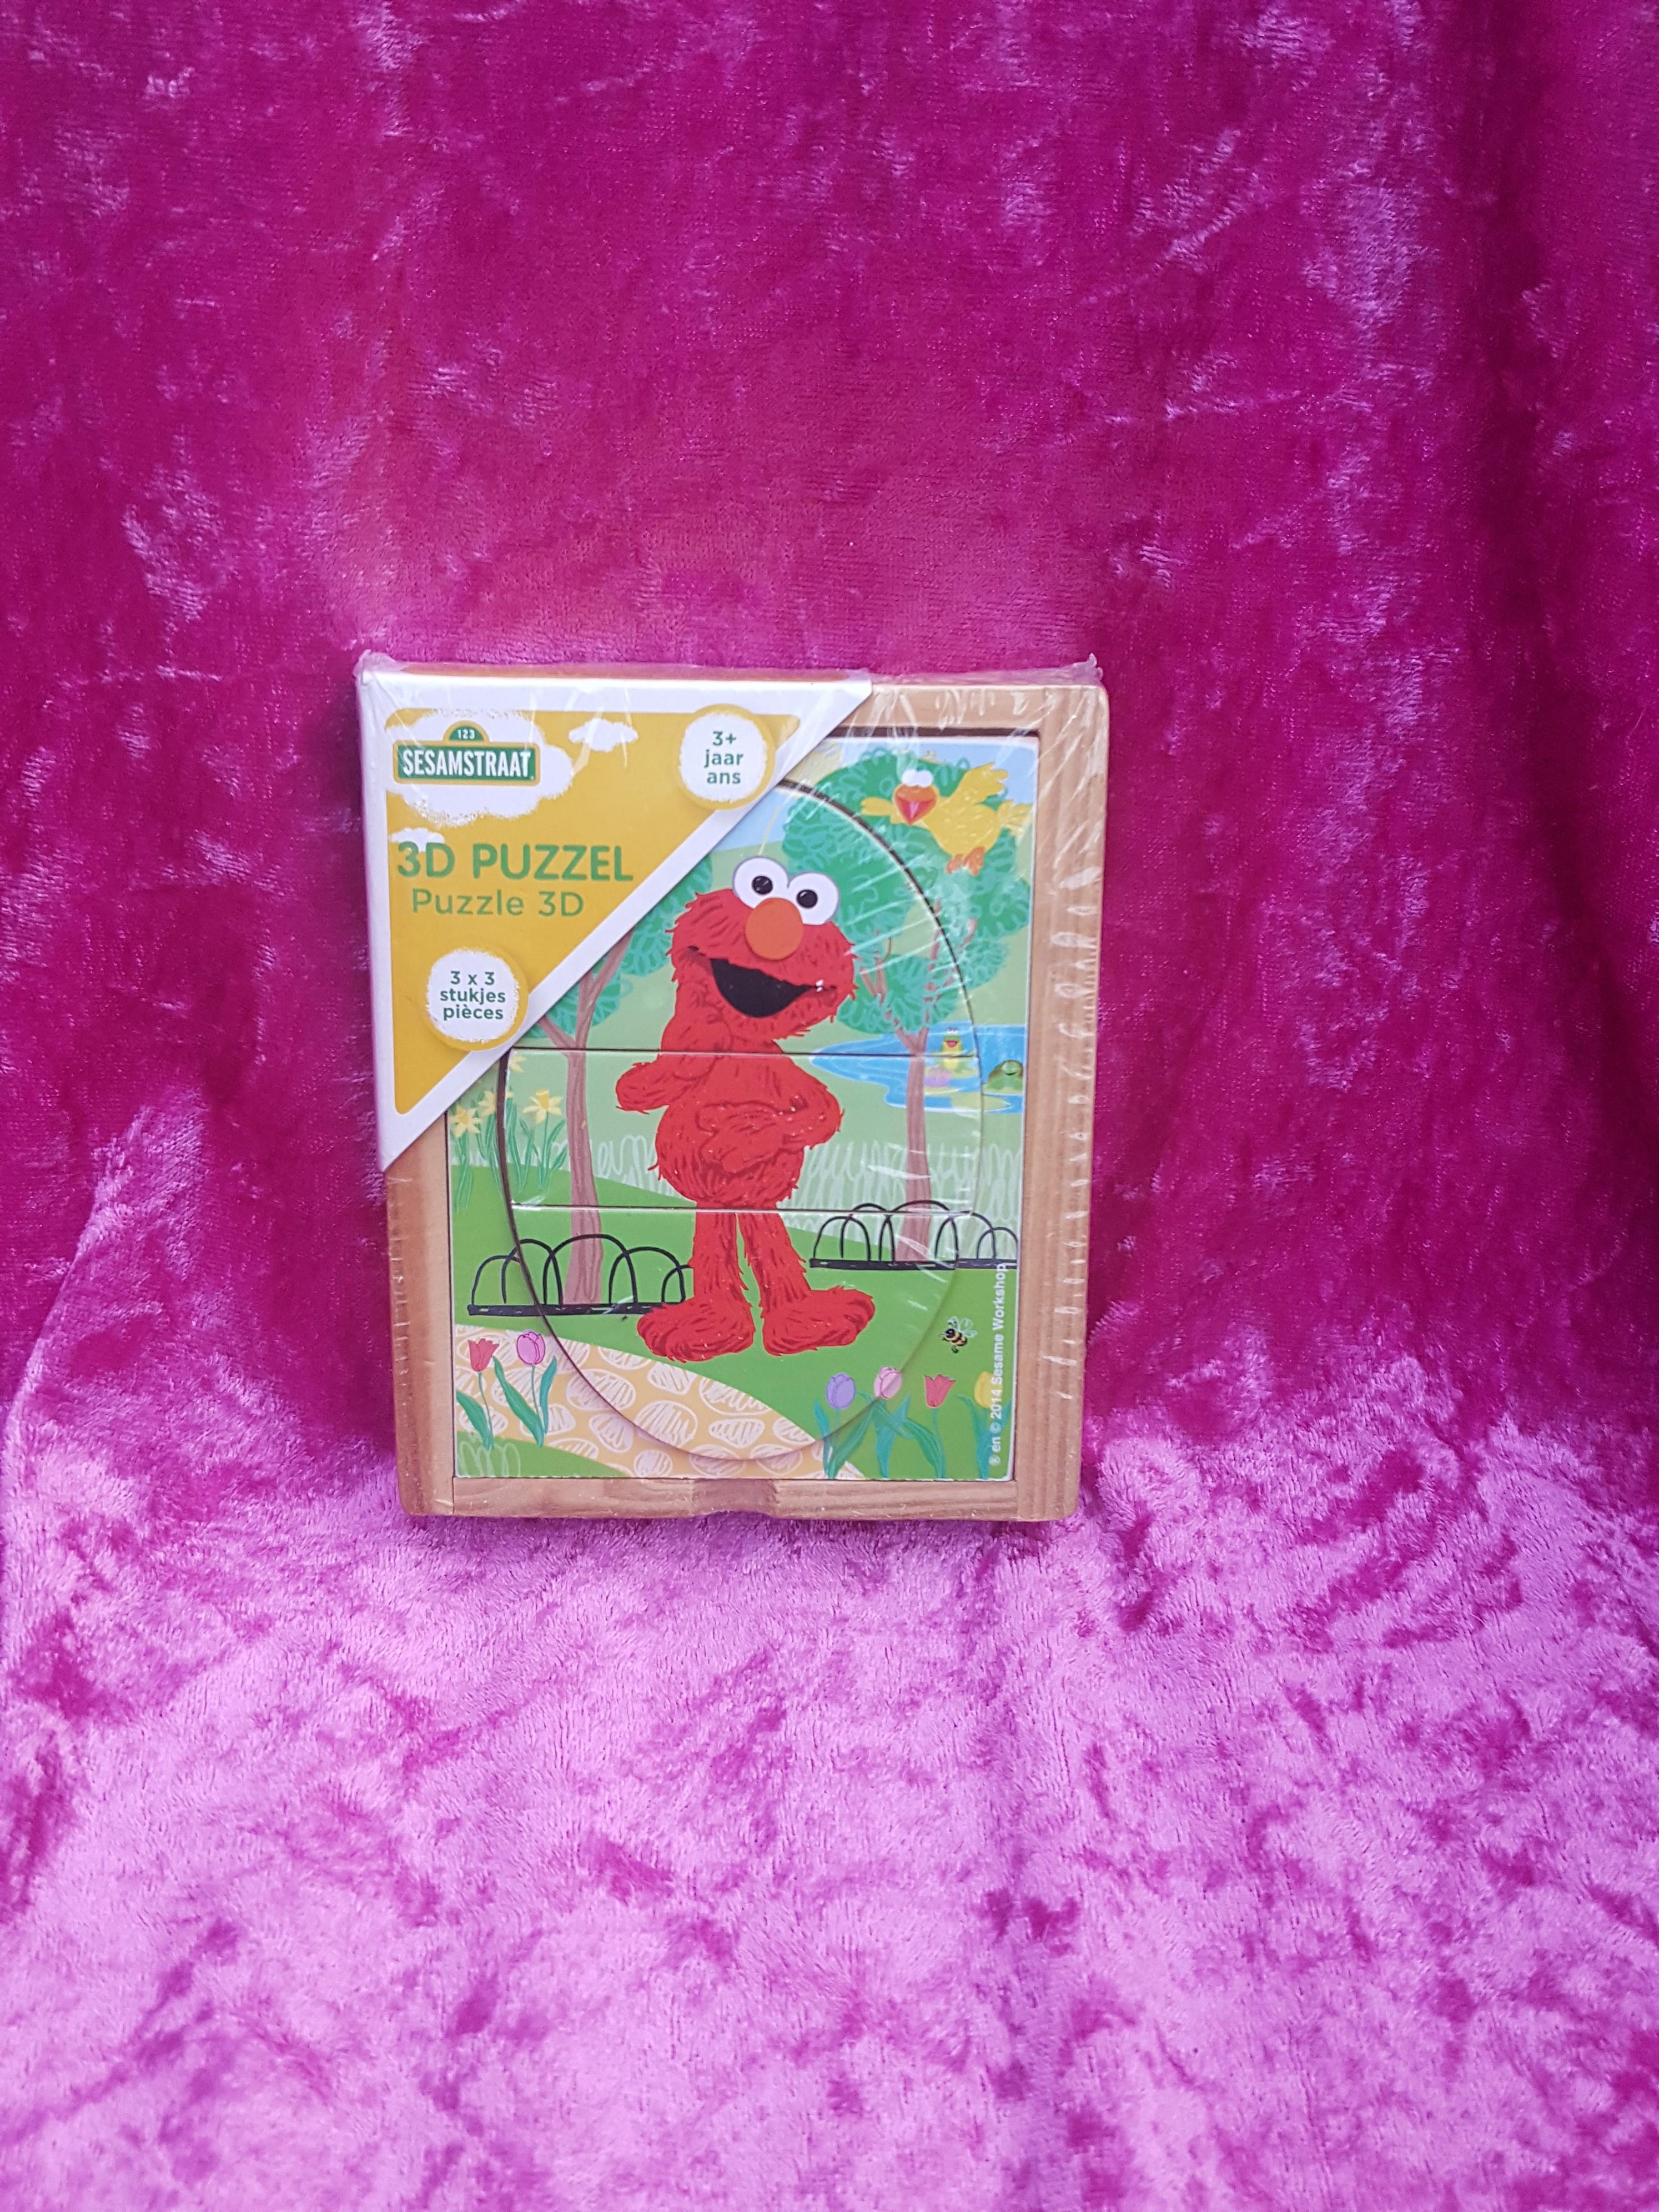 b0852408558 Sesamstraat Elmo Puzzel 3-D | JouwVeilingen.nl webshop